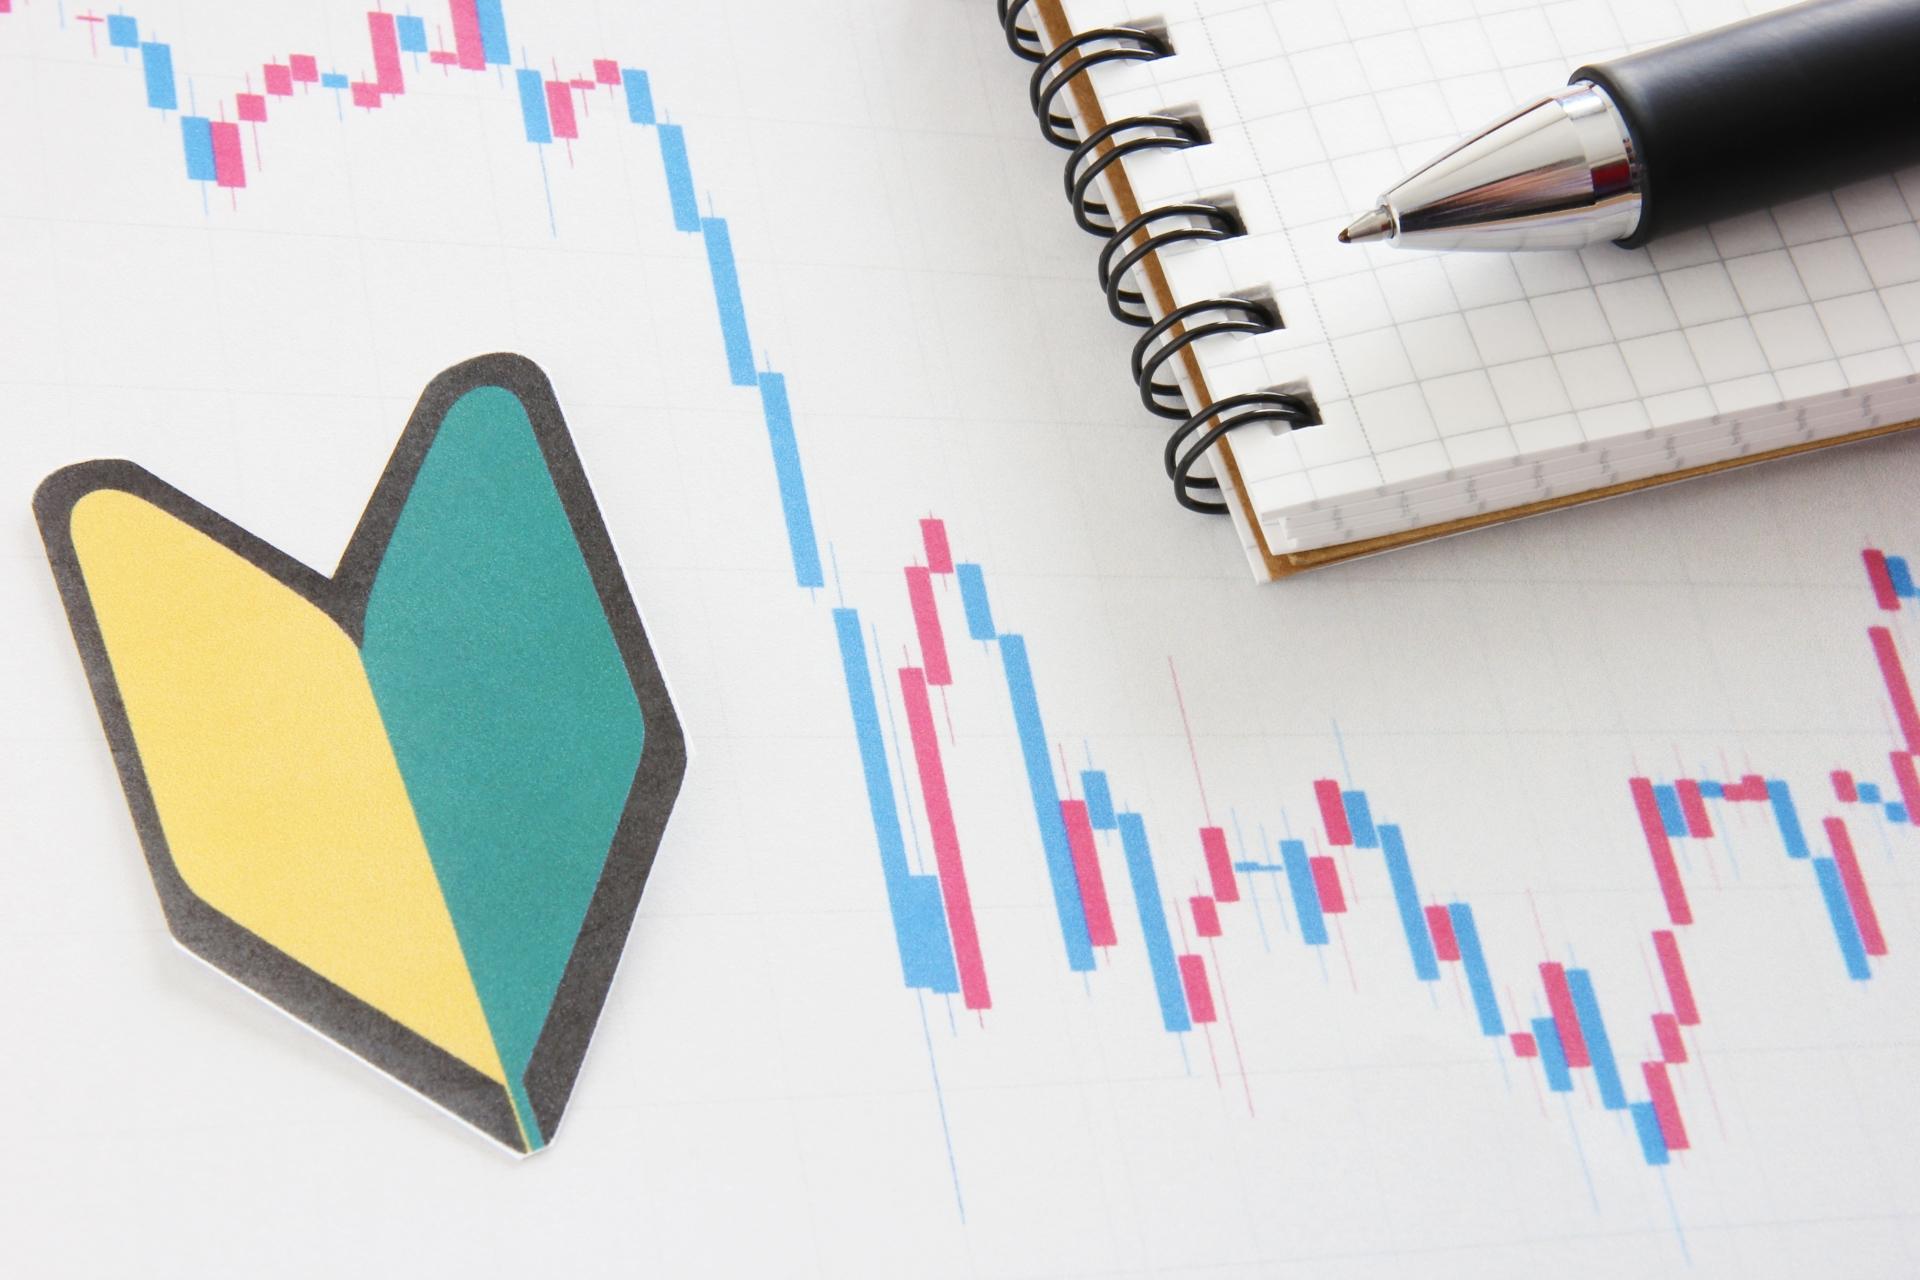 資金ナシ、経験ナシ、才能ナシで投資(Team7%)できますか?